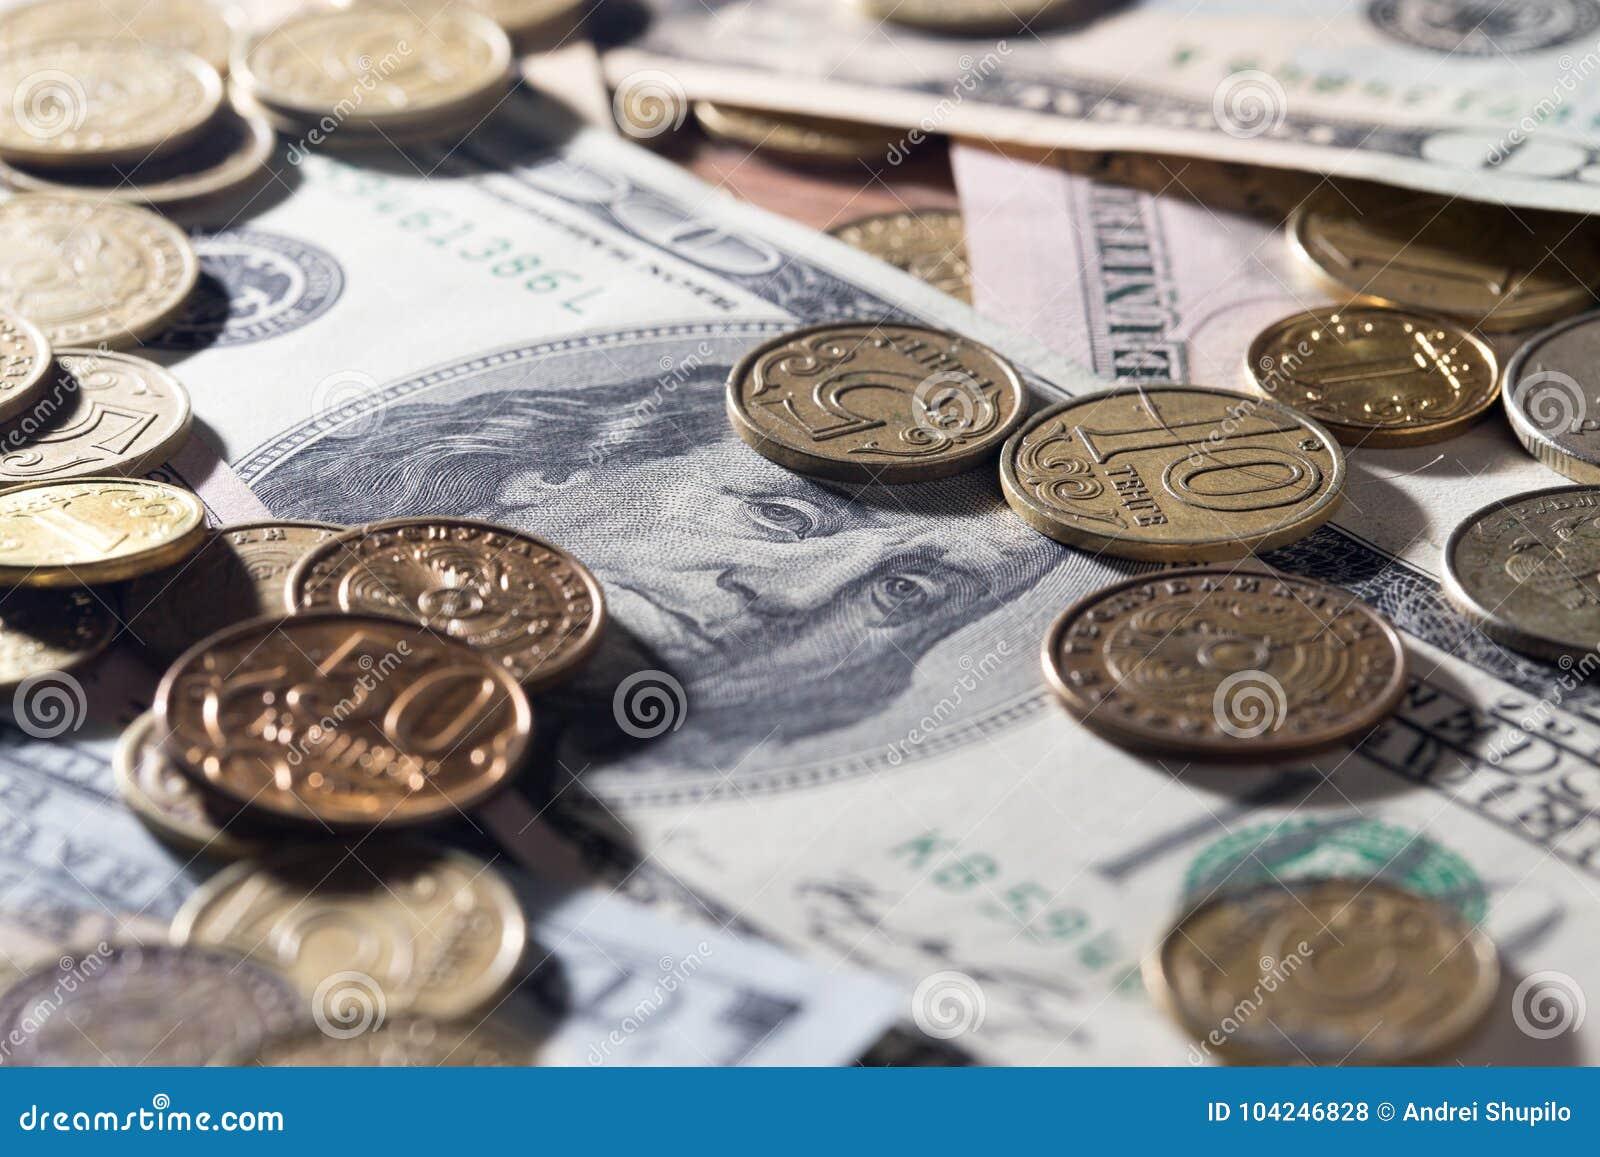 Coins dollar